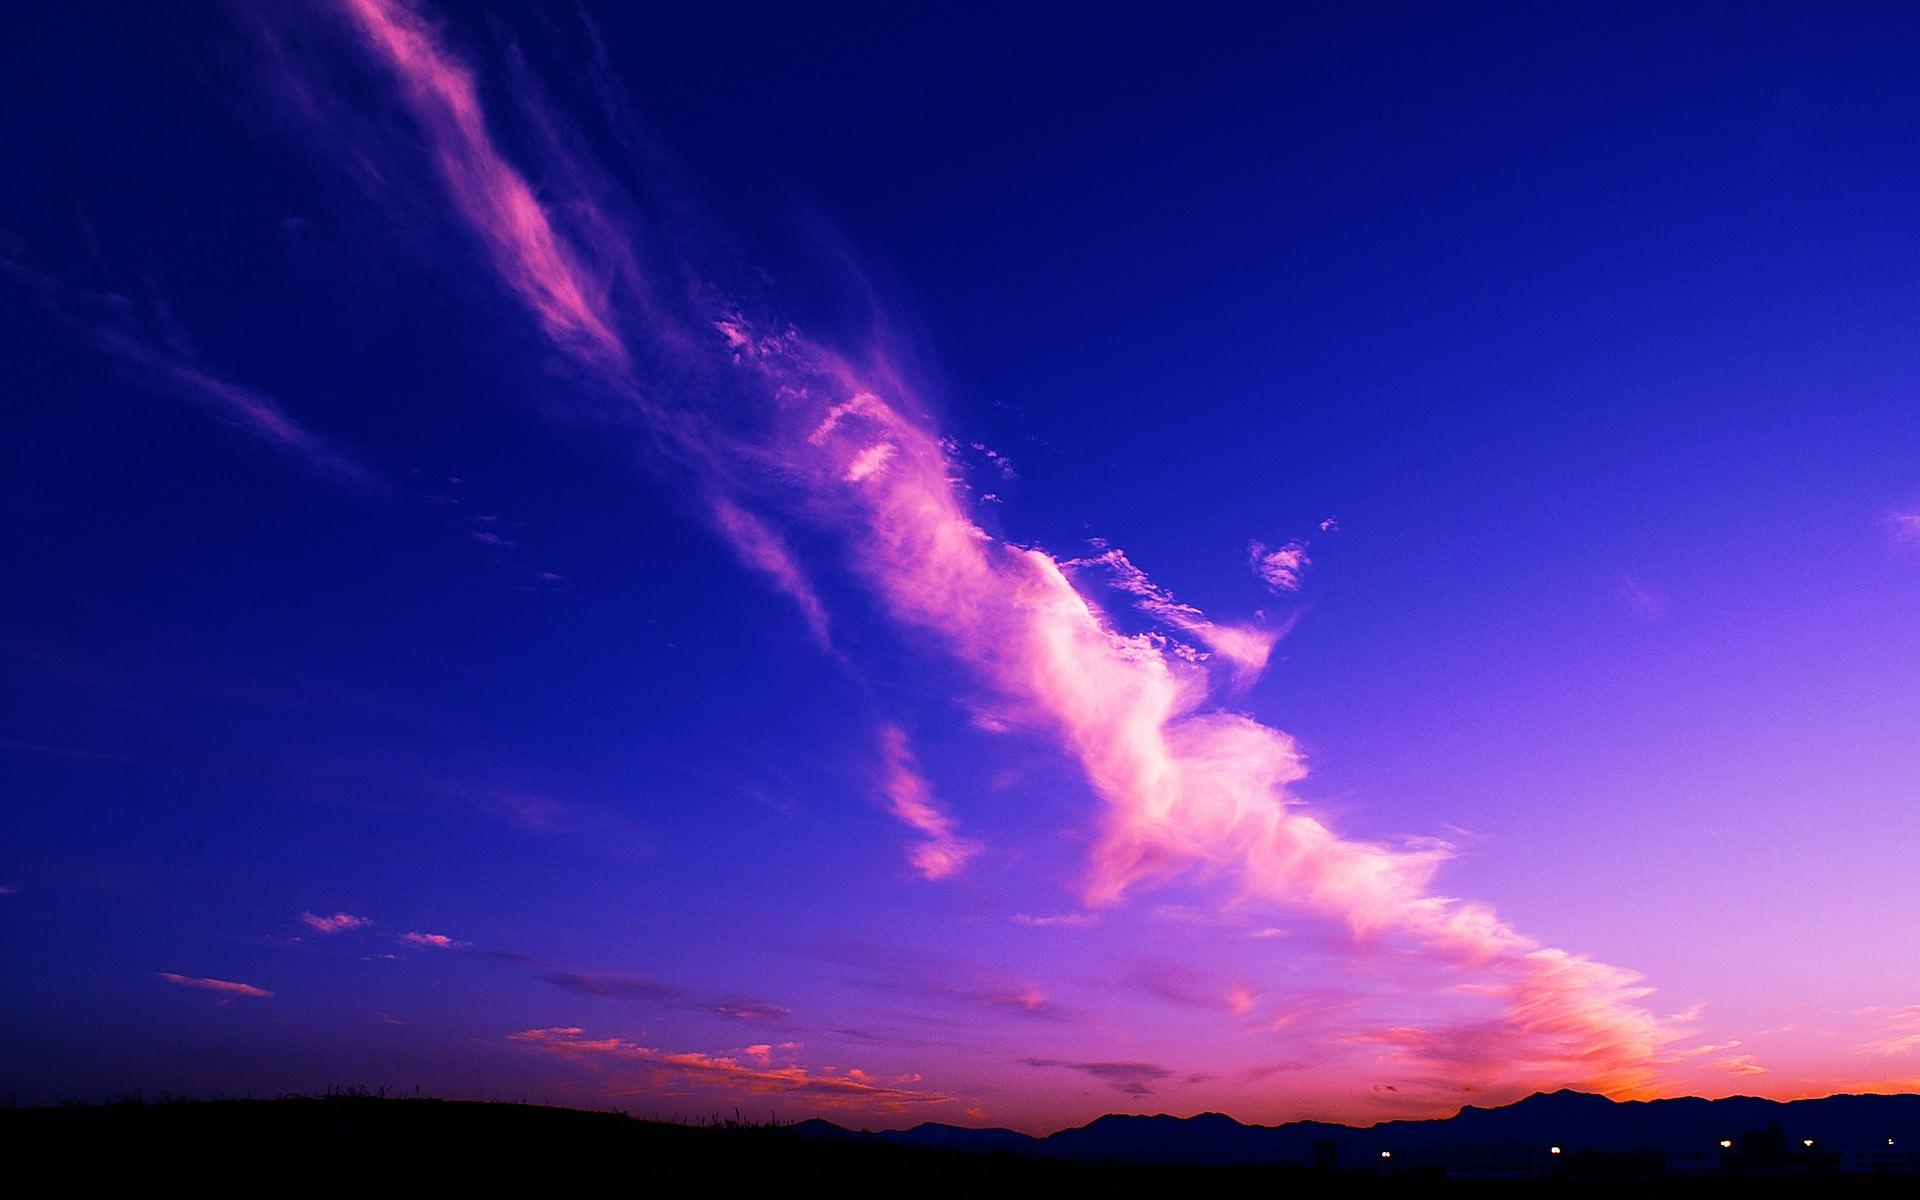 空 雲の壁紙 1920 1200 1 スマホ Pc用壁紙 Wallpaper Box